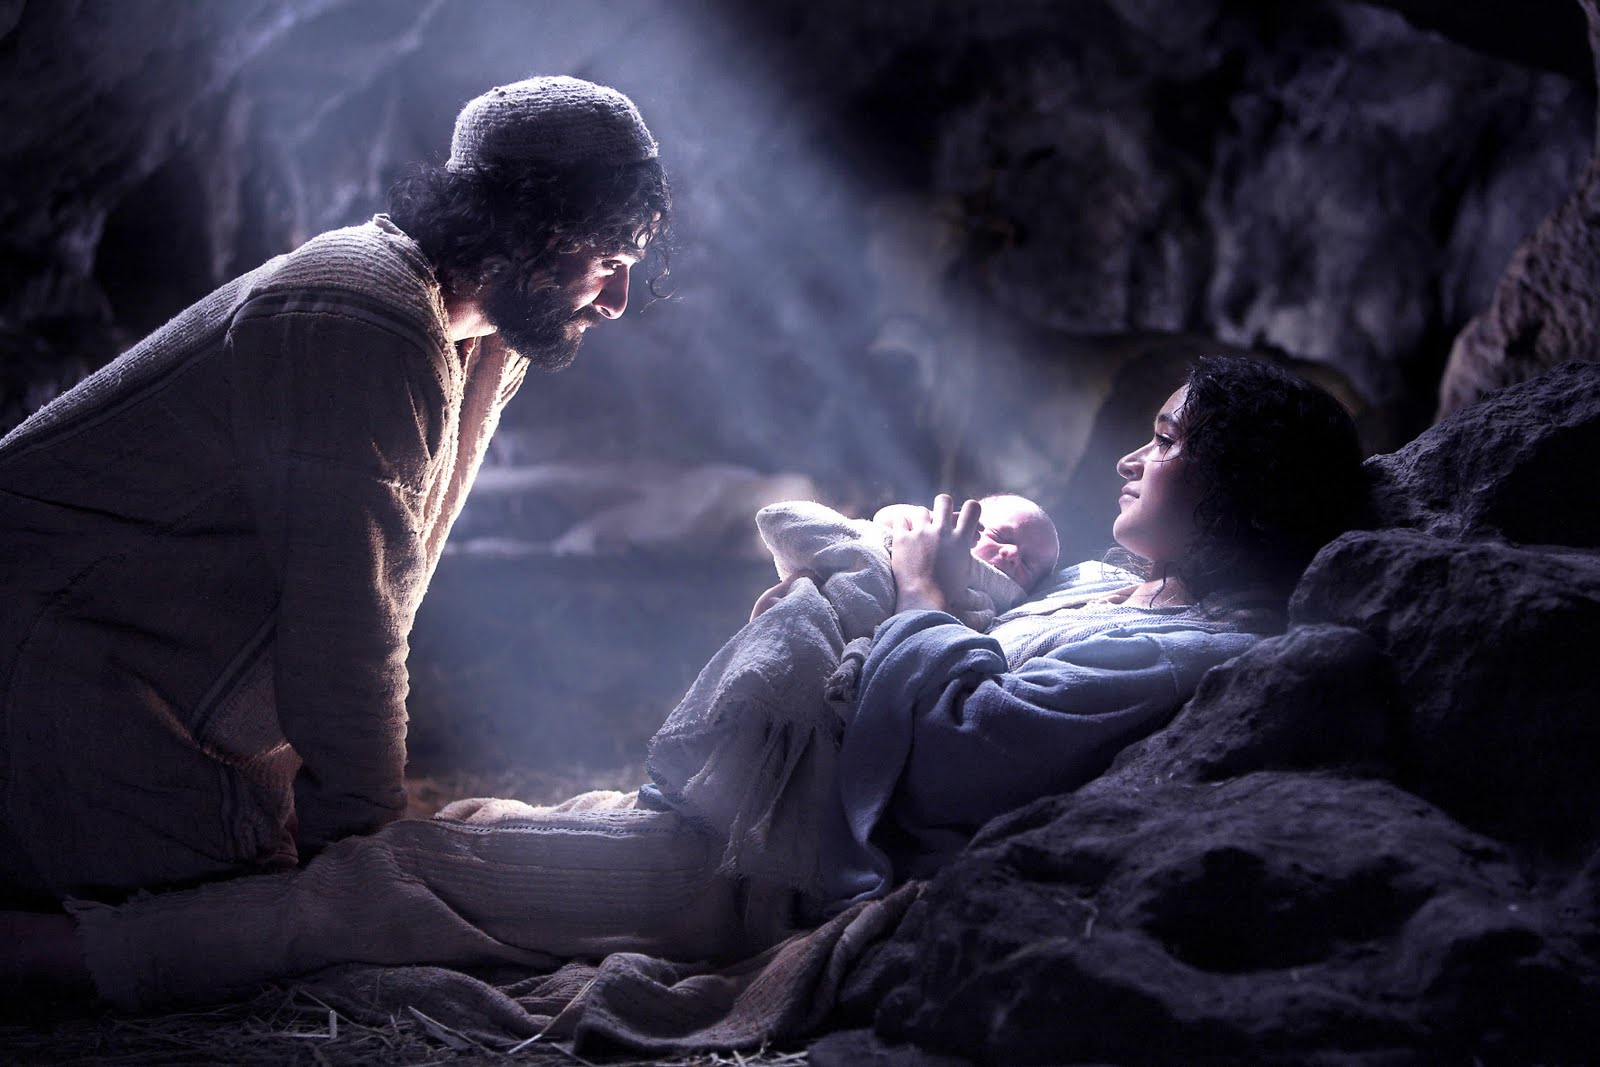 Cantata de Natal - Jesus O Emanuel - O Milagre do nascimento (Playback)